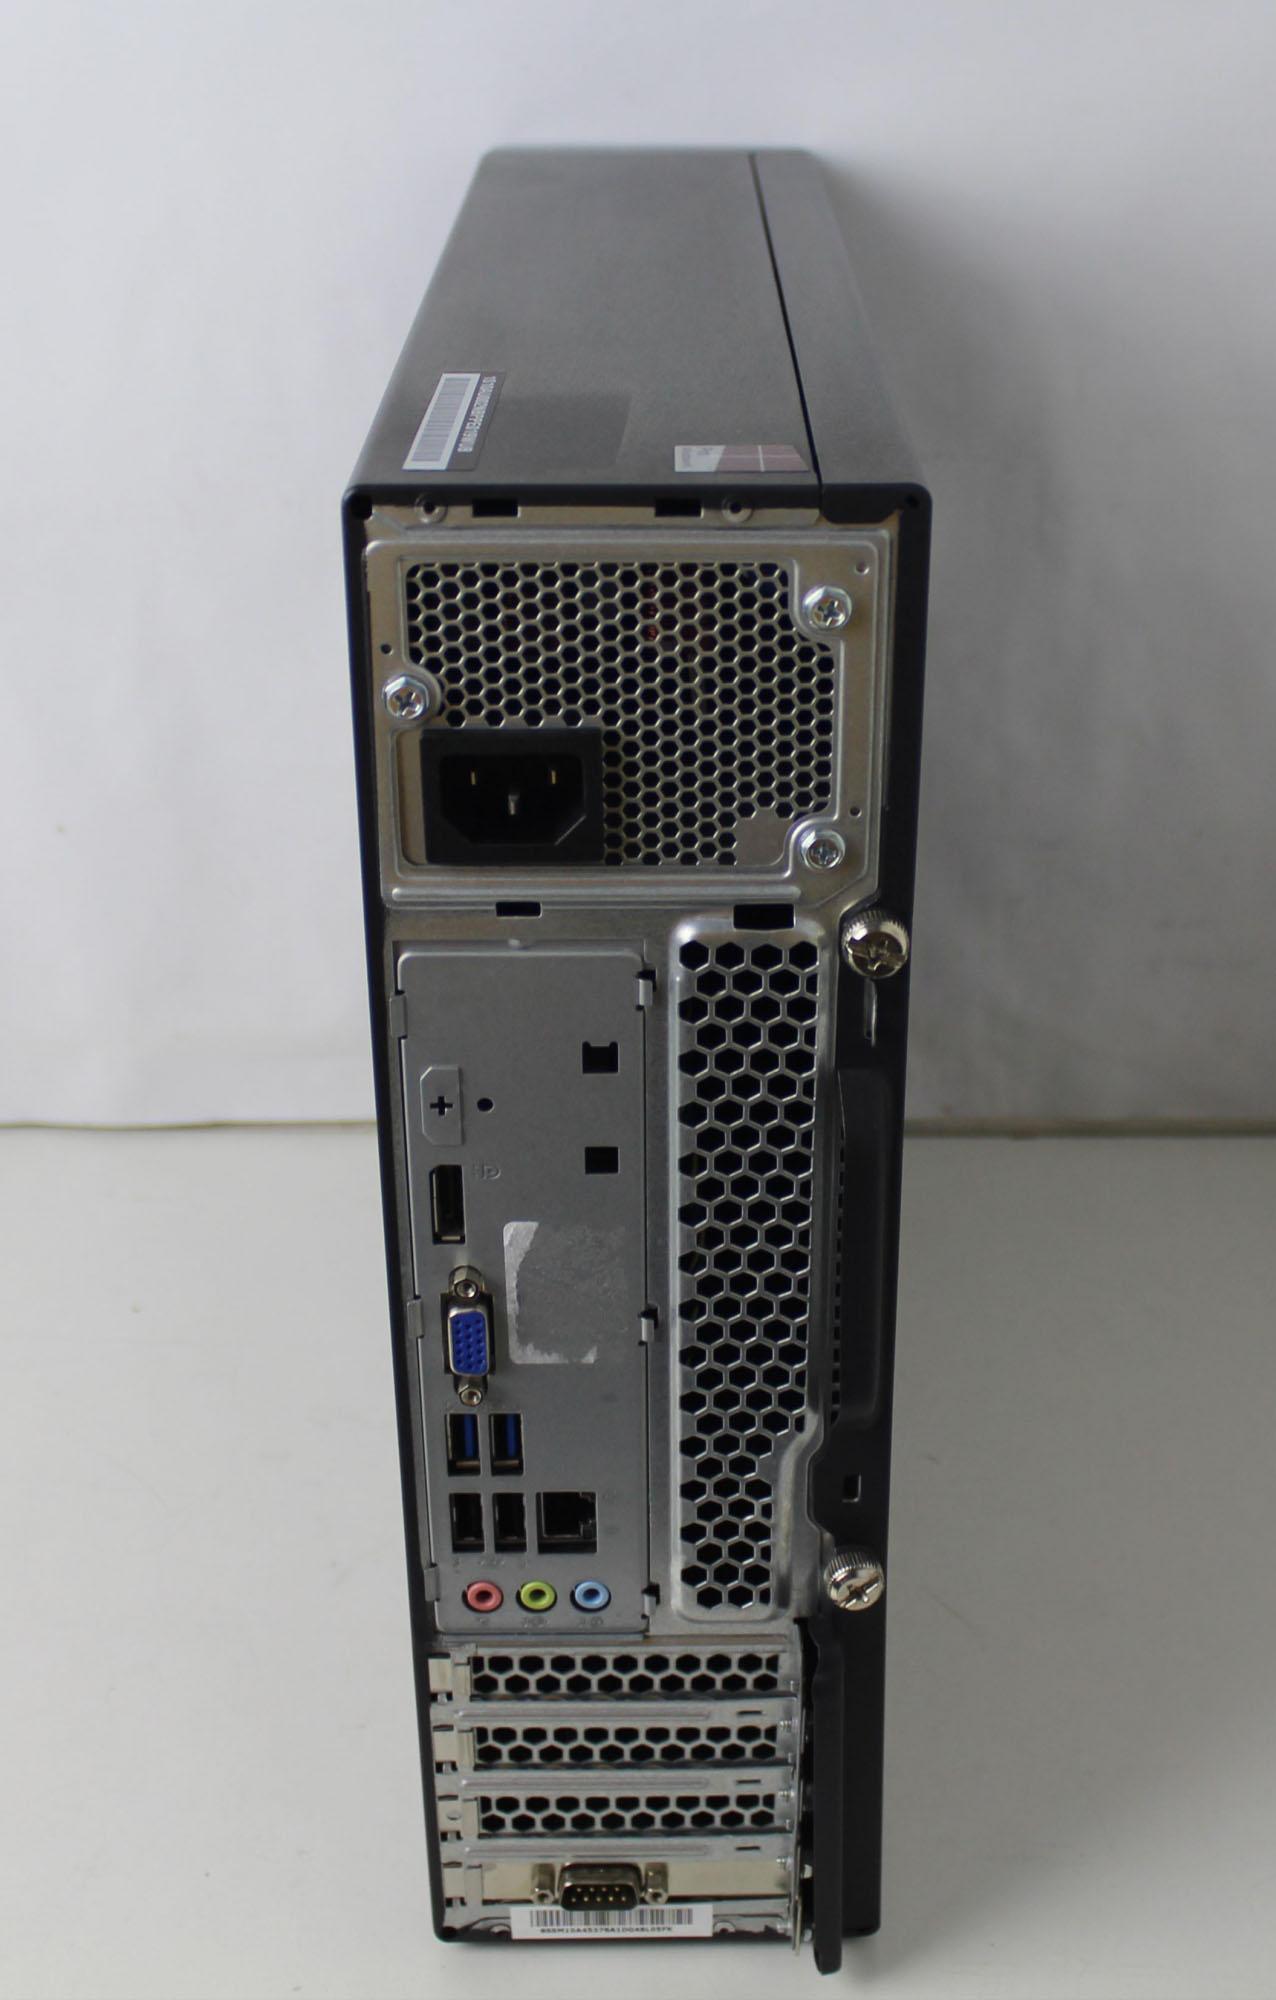 CPU LENOVO THINKCENTRE E73 INTEL CORE I3 3.6GHZ 4GB HD-500GB